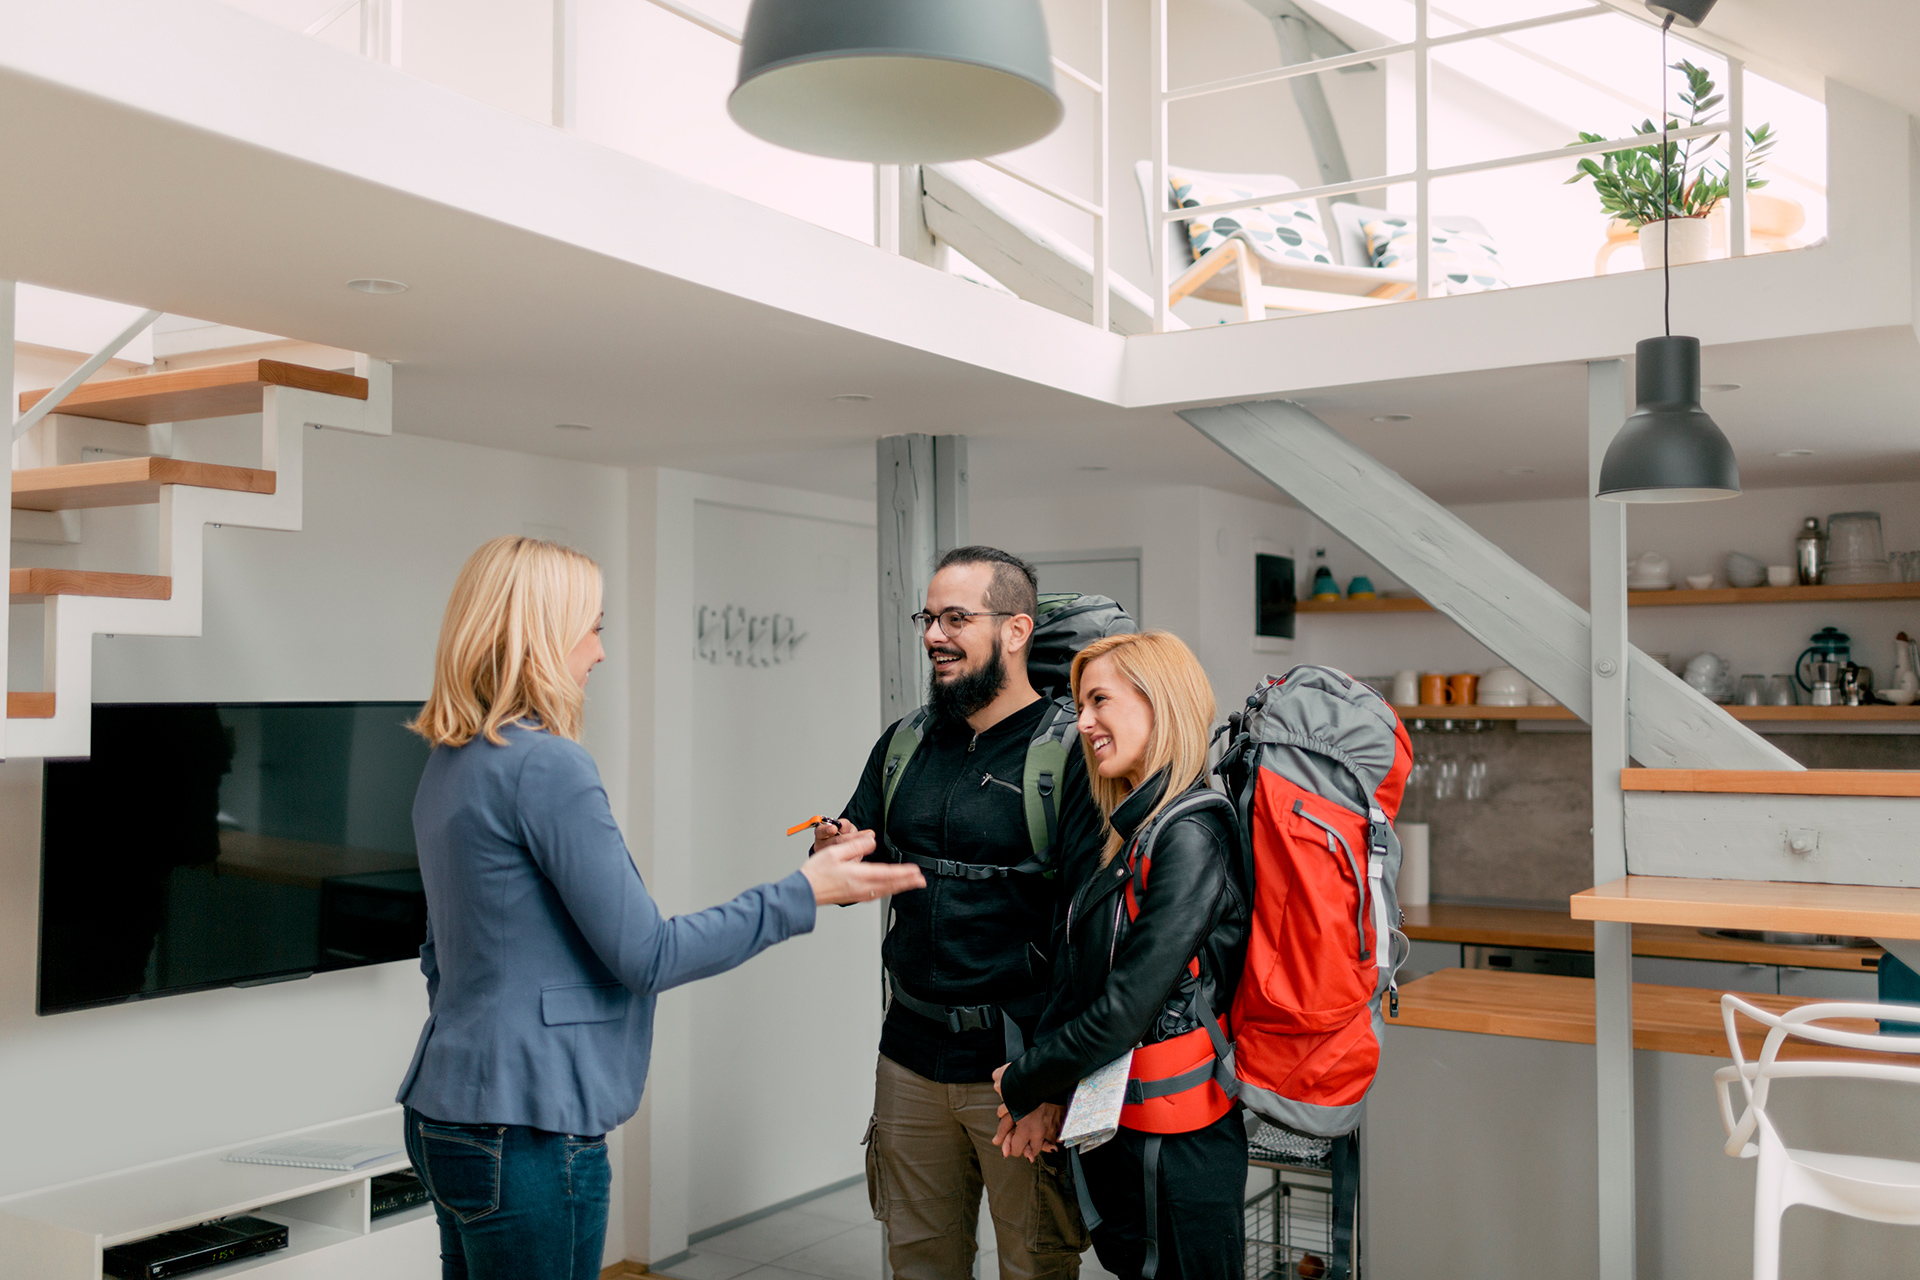 Le Monde a publié en août 2017 une enquête révélant qu'une annonce Airbnb sur cinq en France, serait désormais émise par un multipropriétaire.